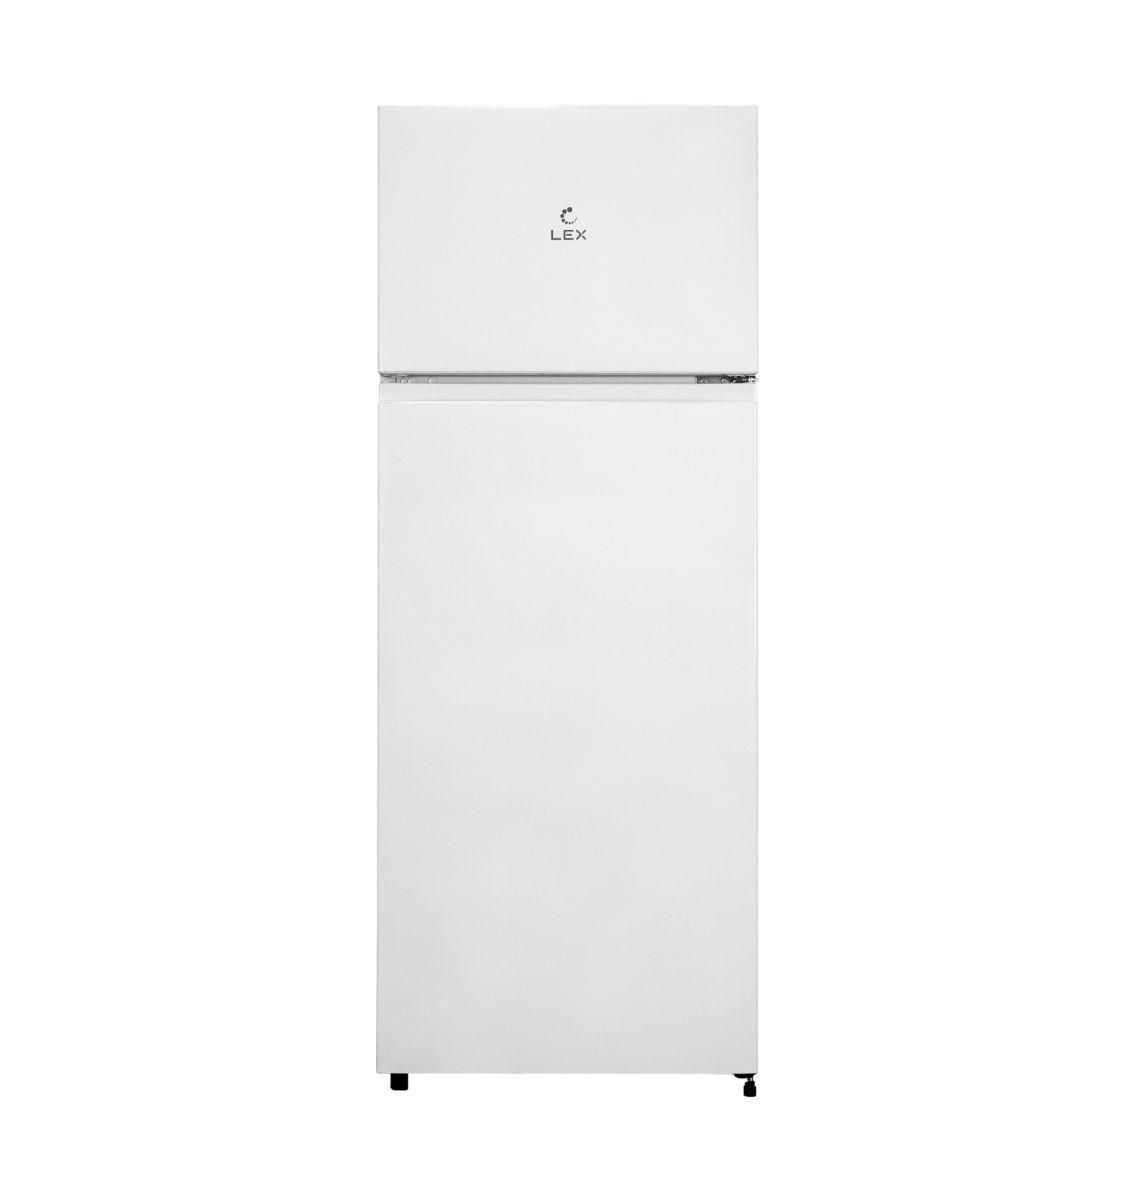 Холодильник LEX RFS 201 DF White